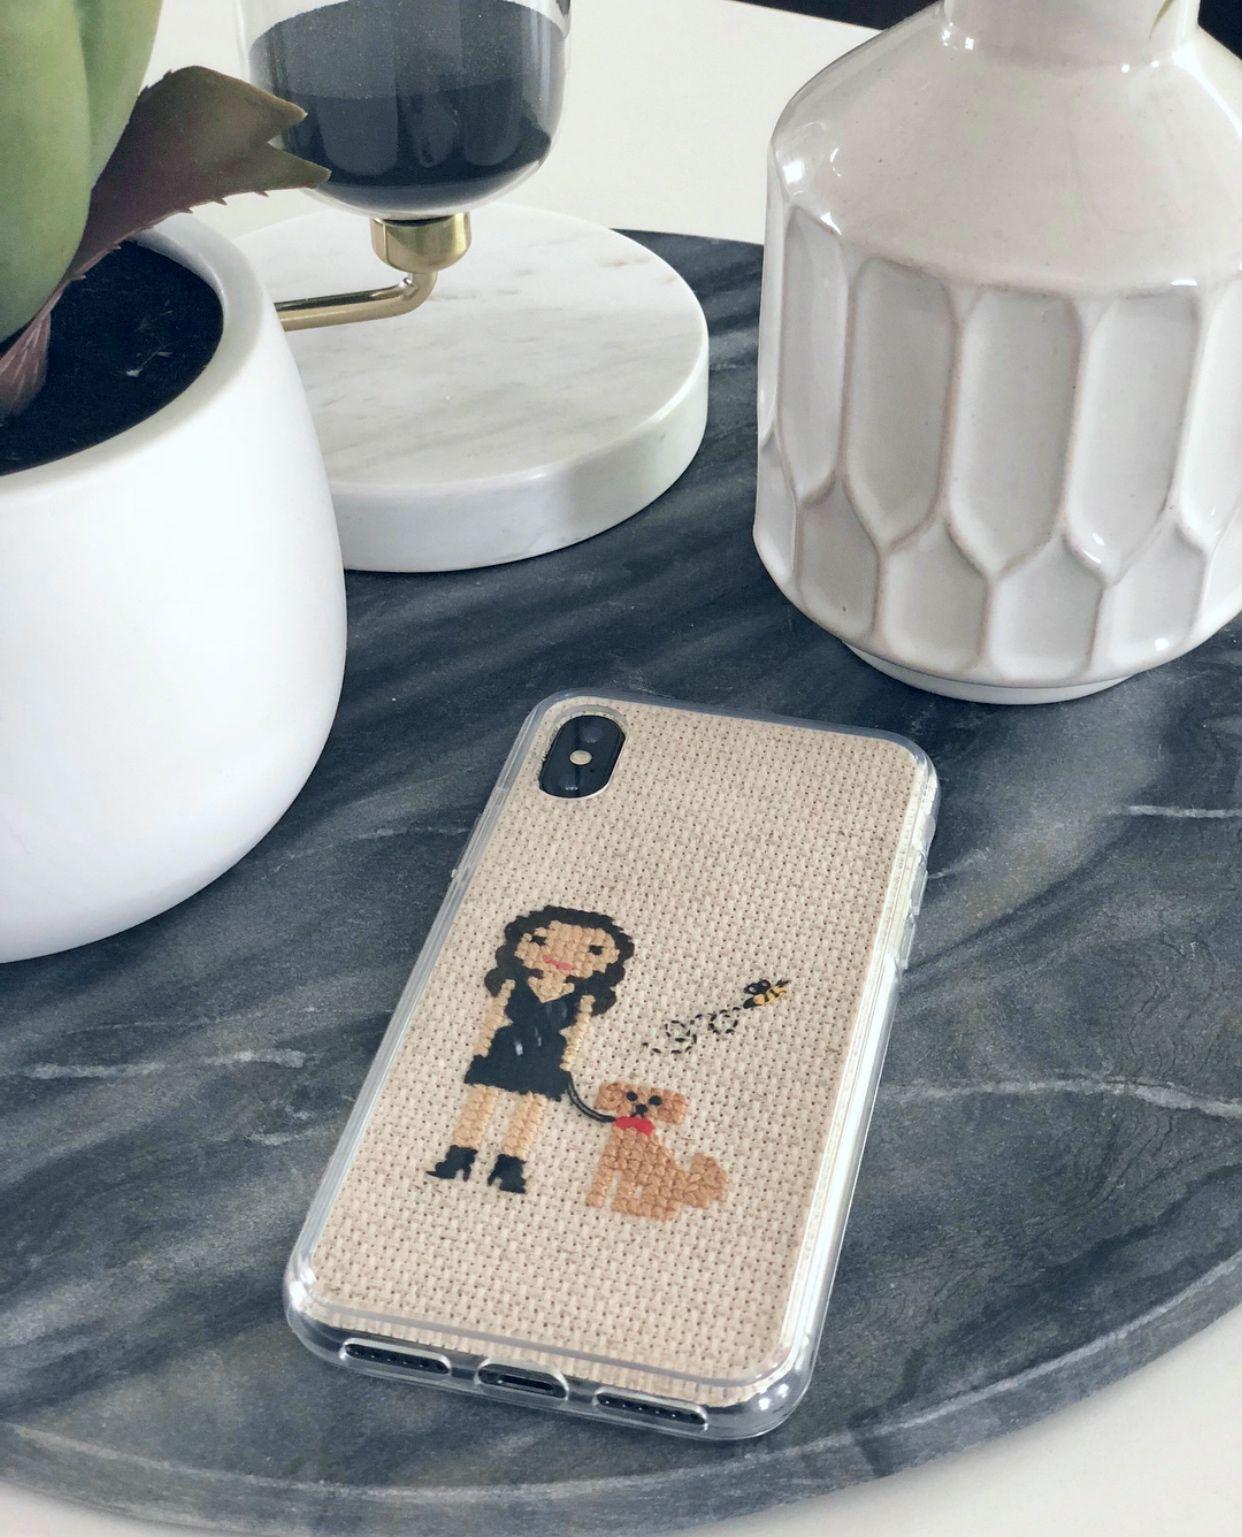 Stitch People Phone Case Tutorial – Stich Menschen Blog  – DIY